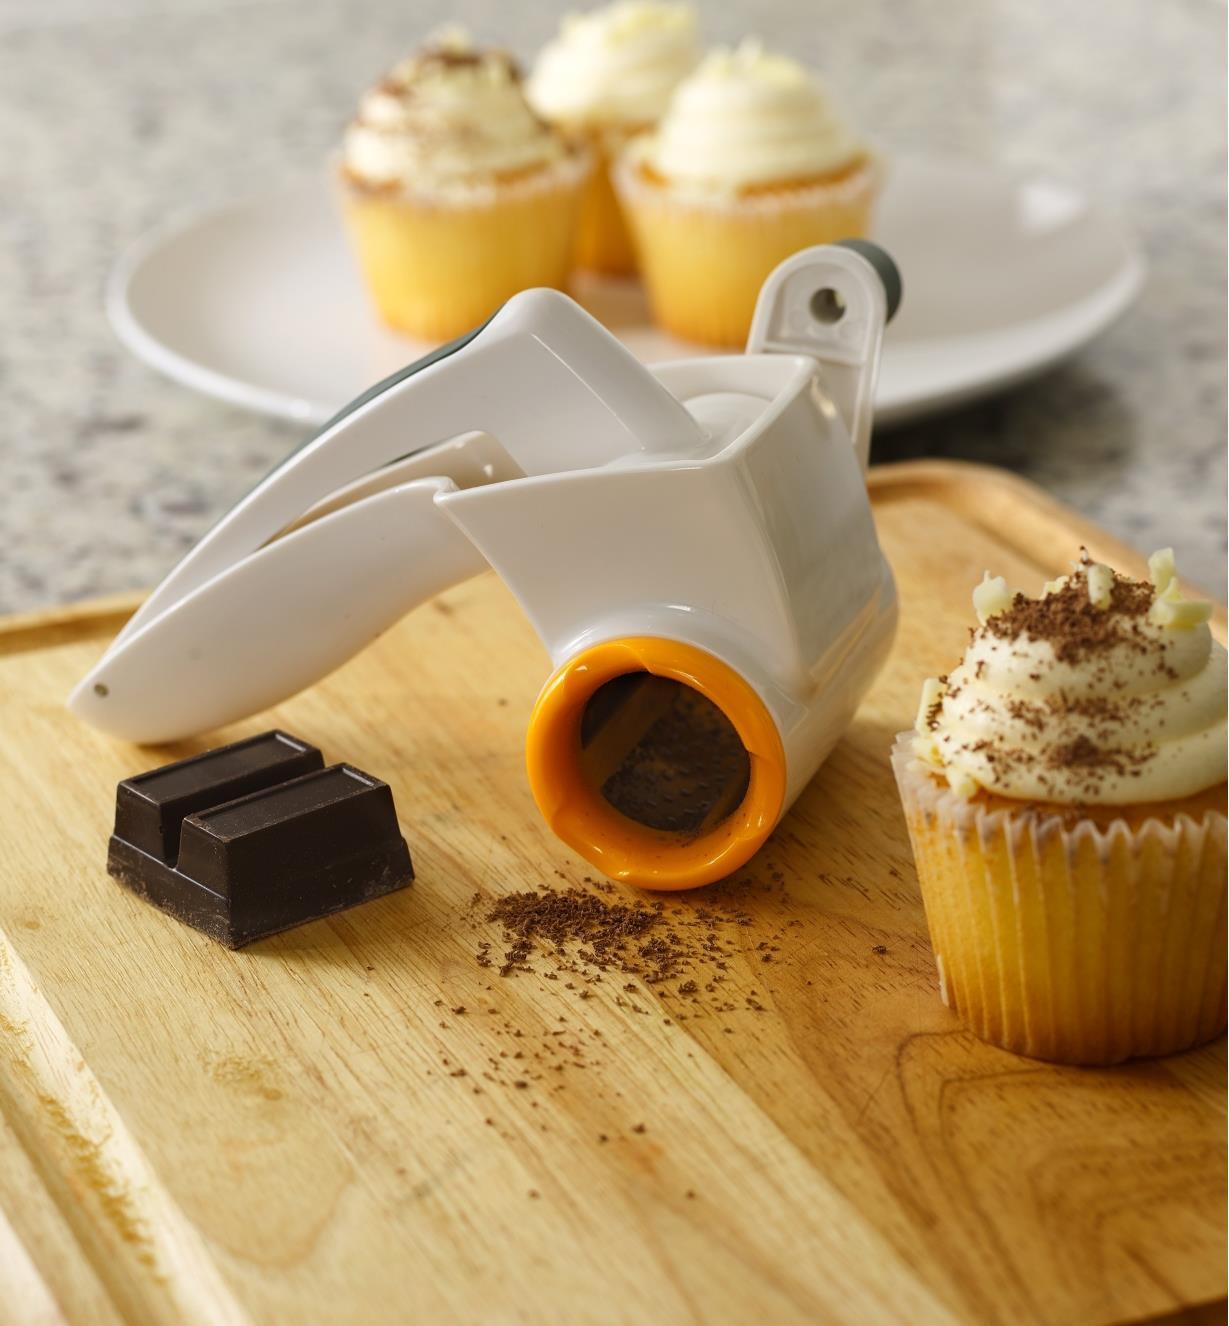 Râpe à fromage rotative près de petits gâteaux couverts de chocolat râpé